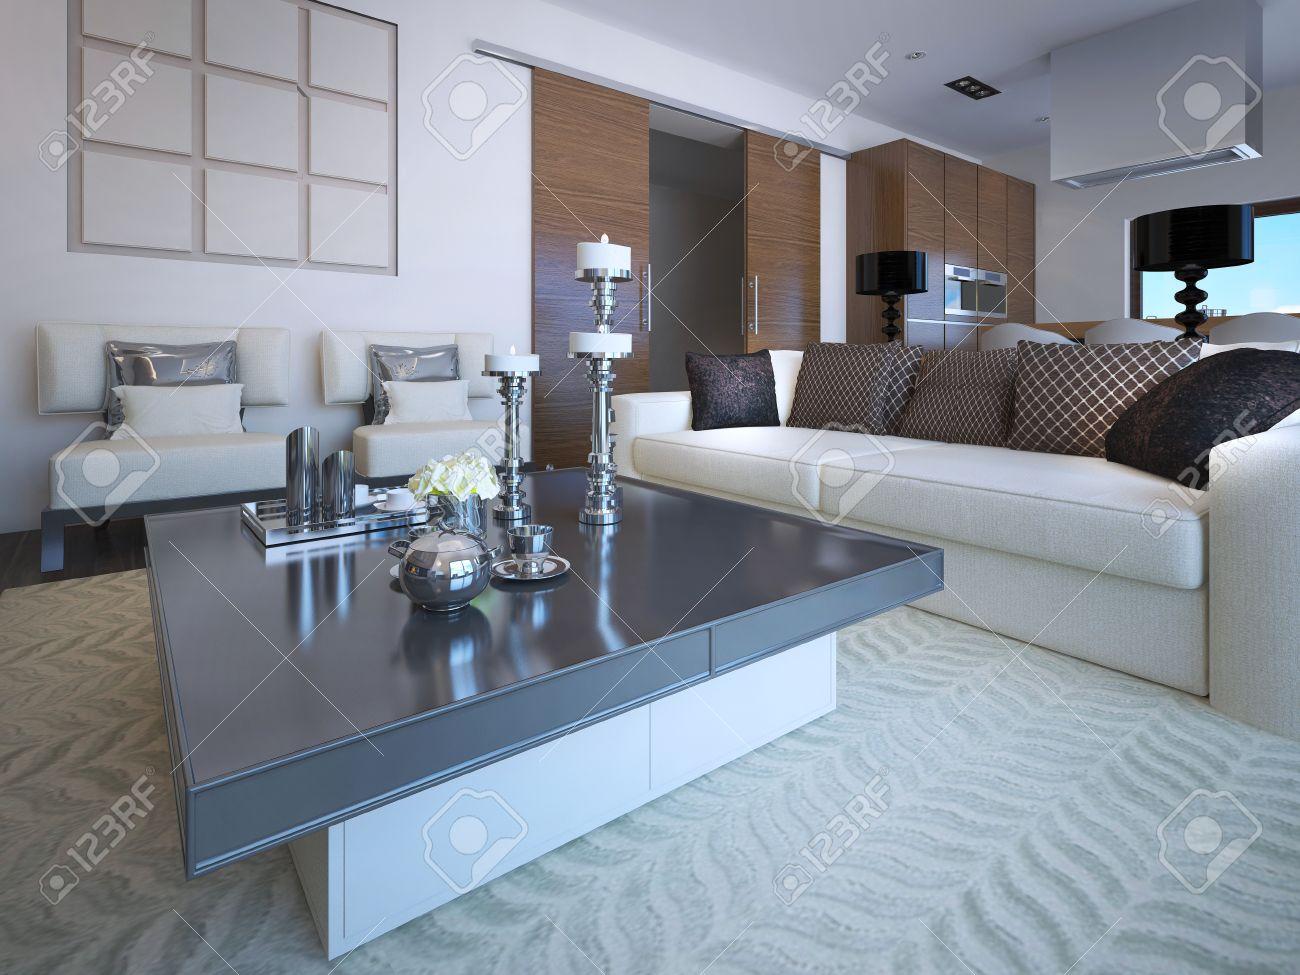 Lounge Zimmer-Studio In Neoklassizistischen Stil. Die Polstermöbel ...